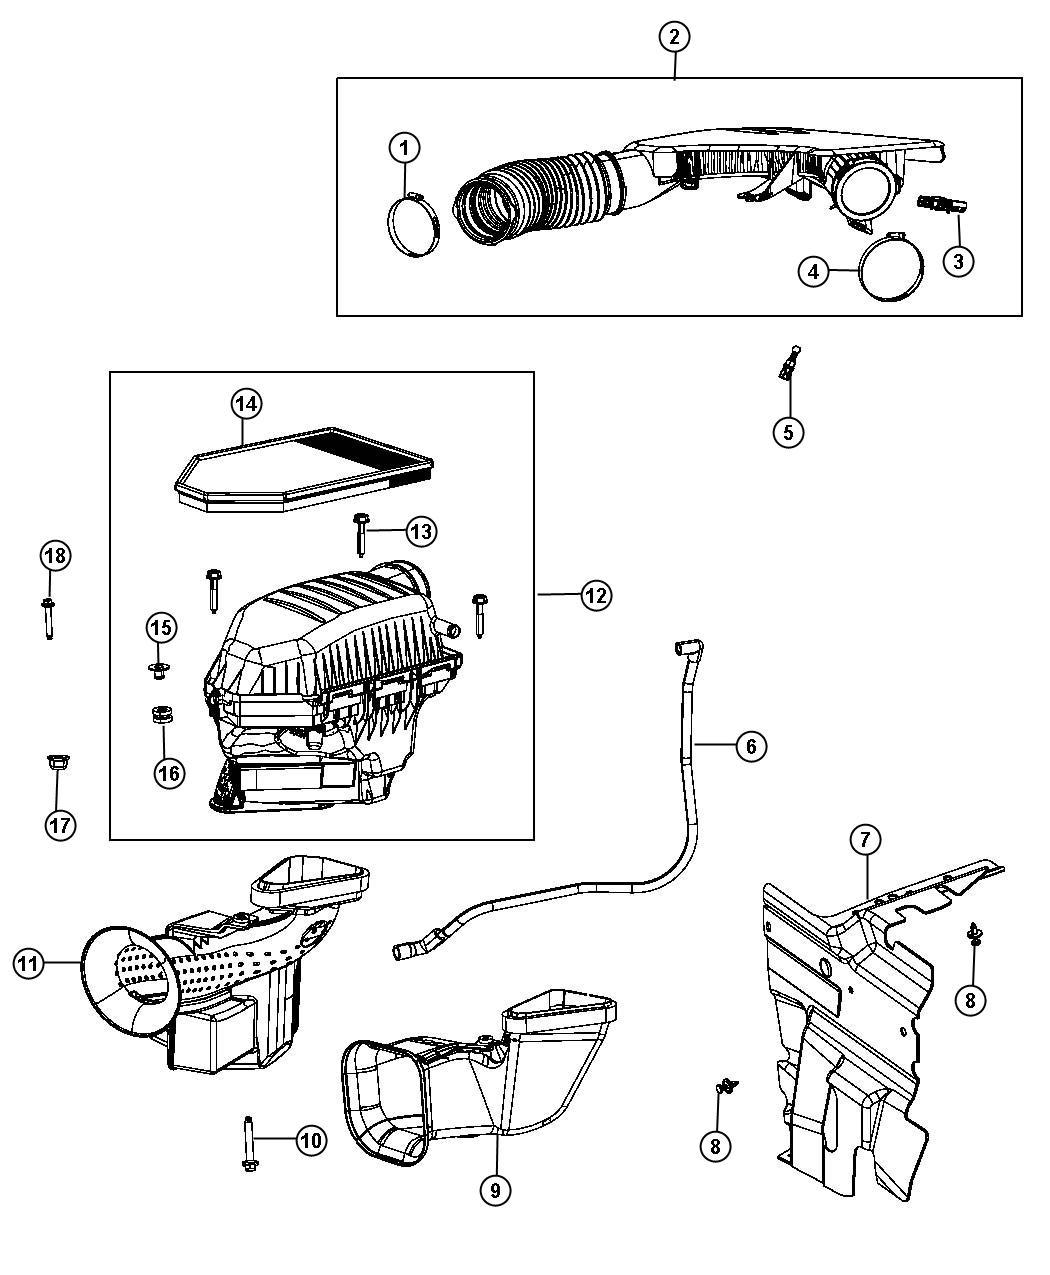 2013 Dodge Charger Transmission: 2013 Dodge Charger Hose. Make Up Air - 05184805AC